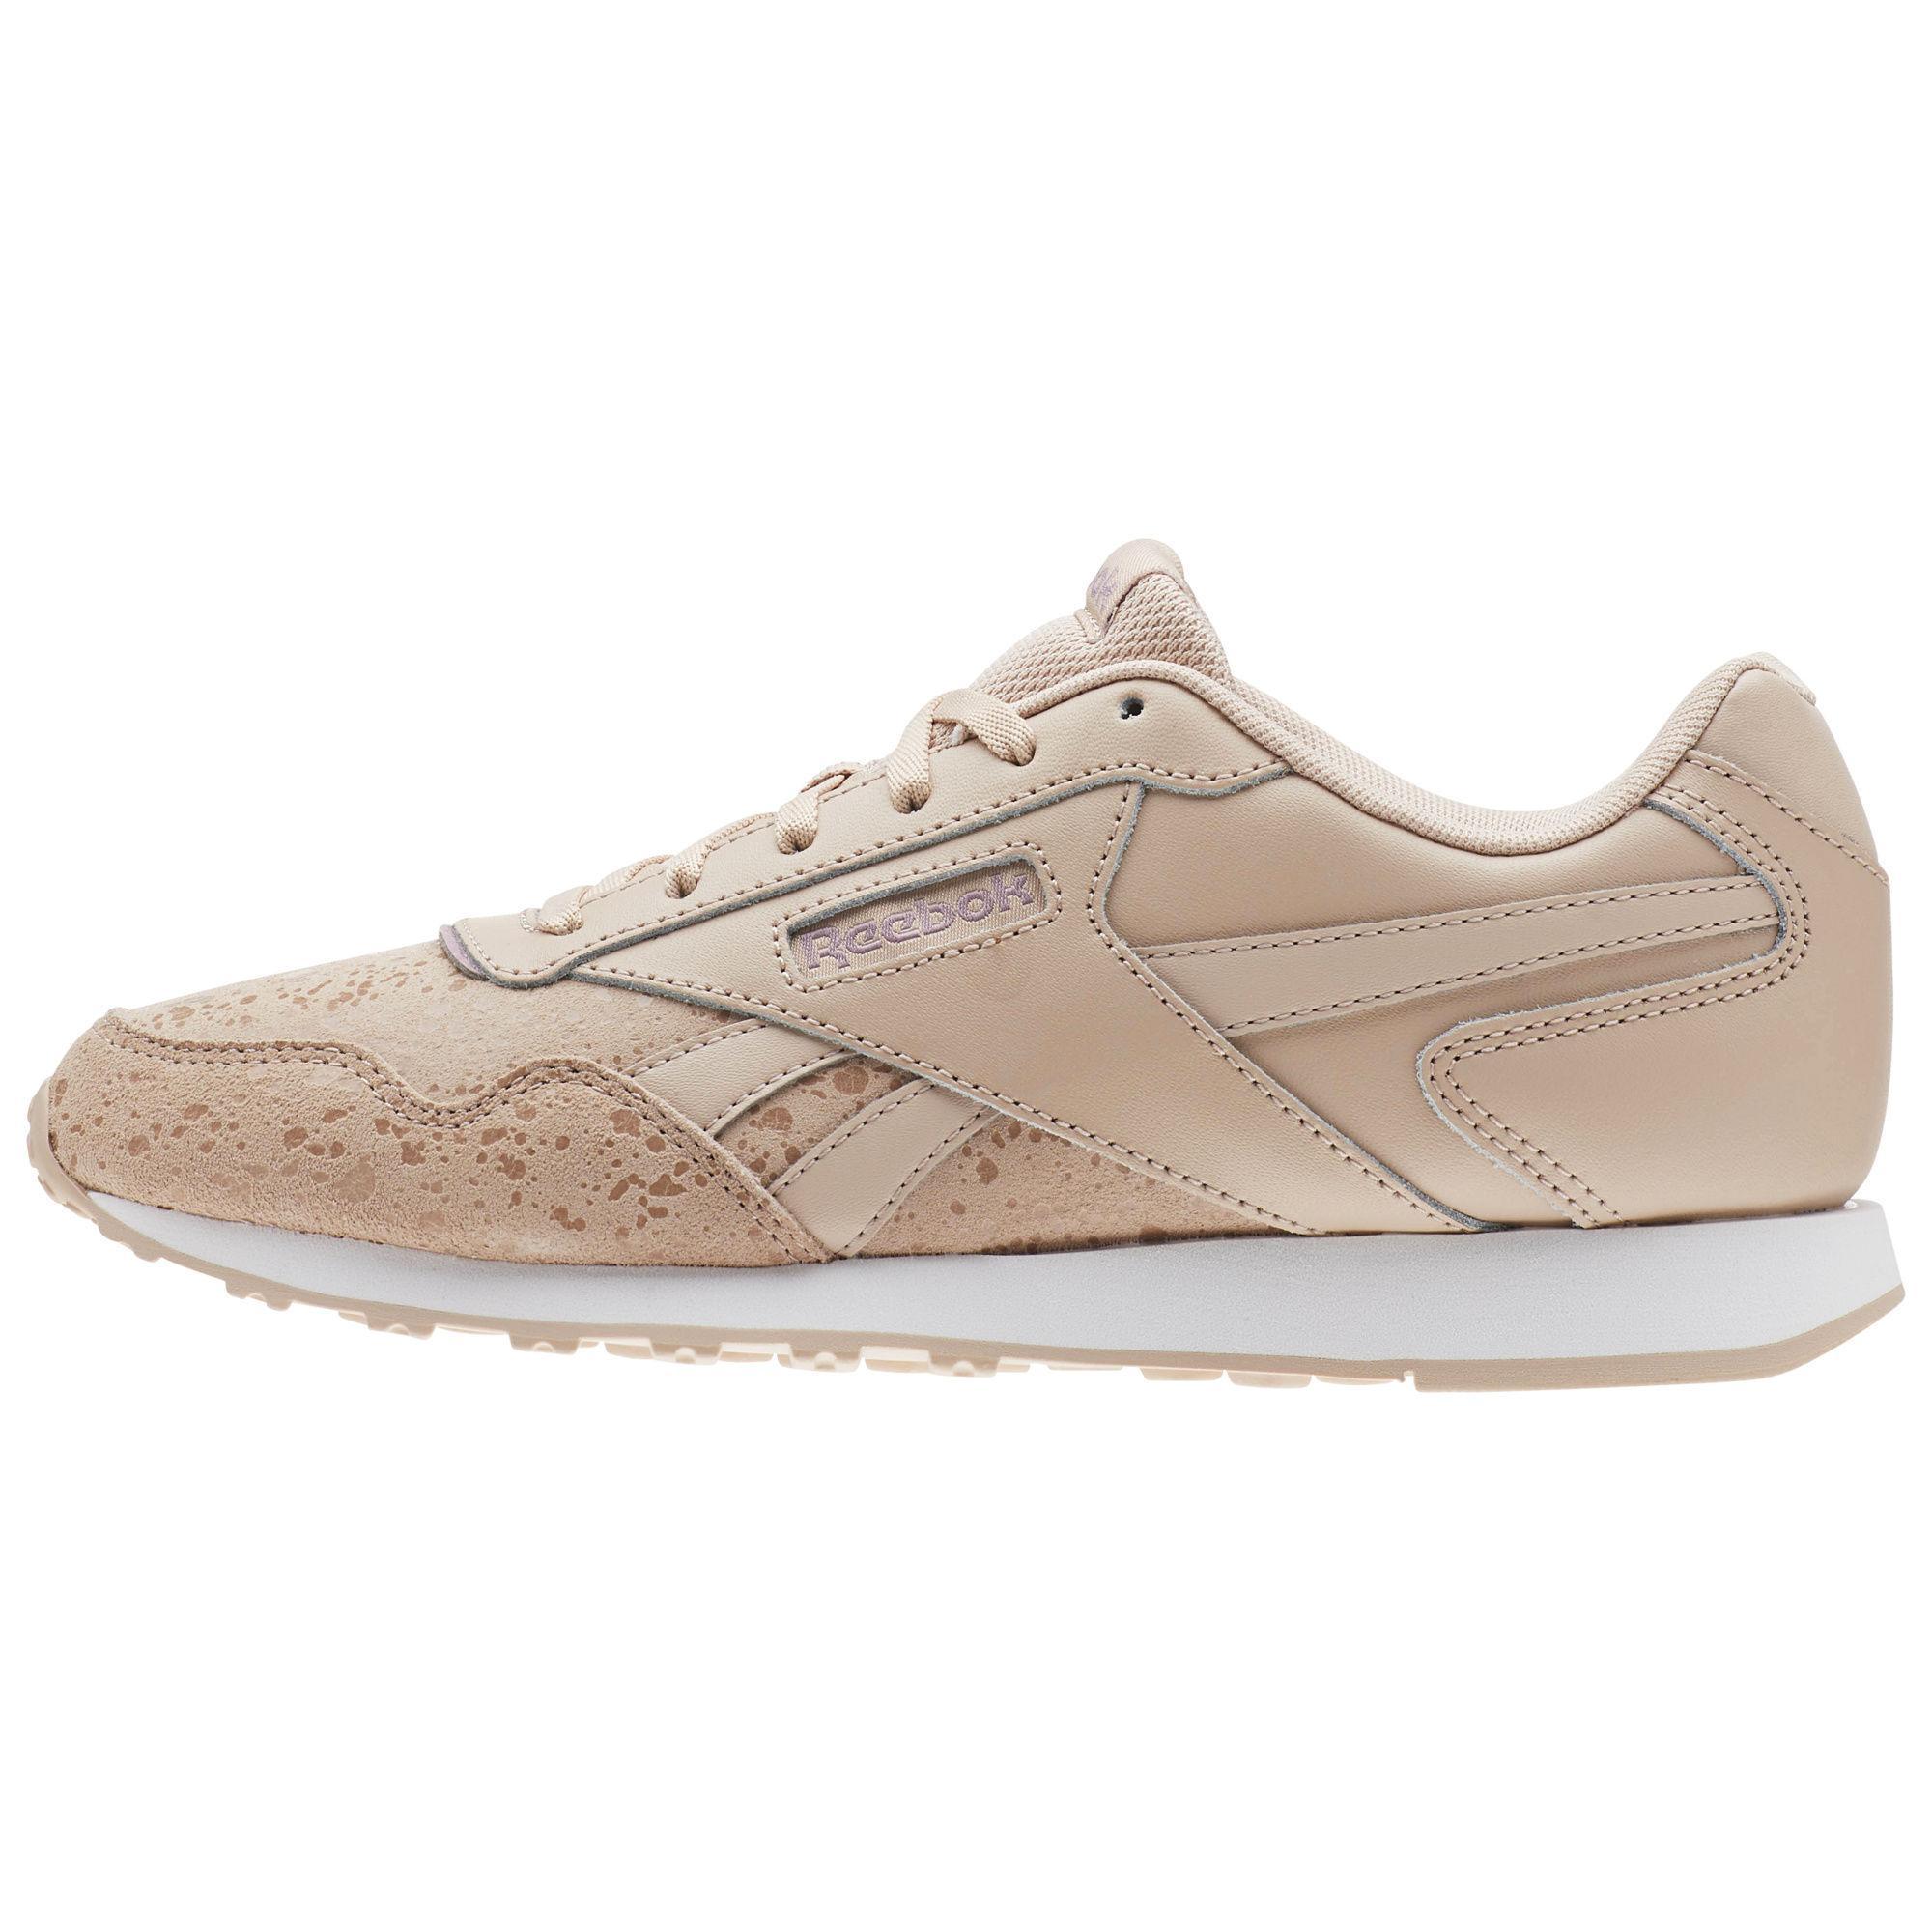 Reebok Reebok Royal Glide LX LX LX Turnschuhe Damen Rosa im Online Shop von SportScheck kaufen Gute Qualität beliebte Schuhe 460d6d